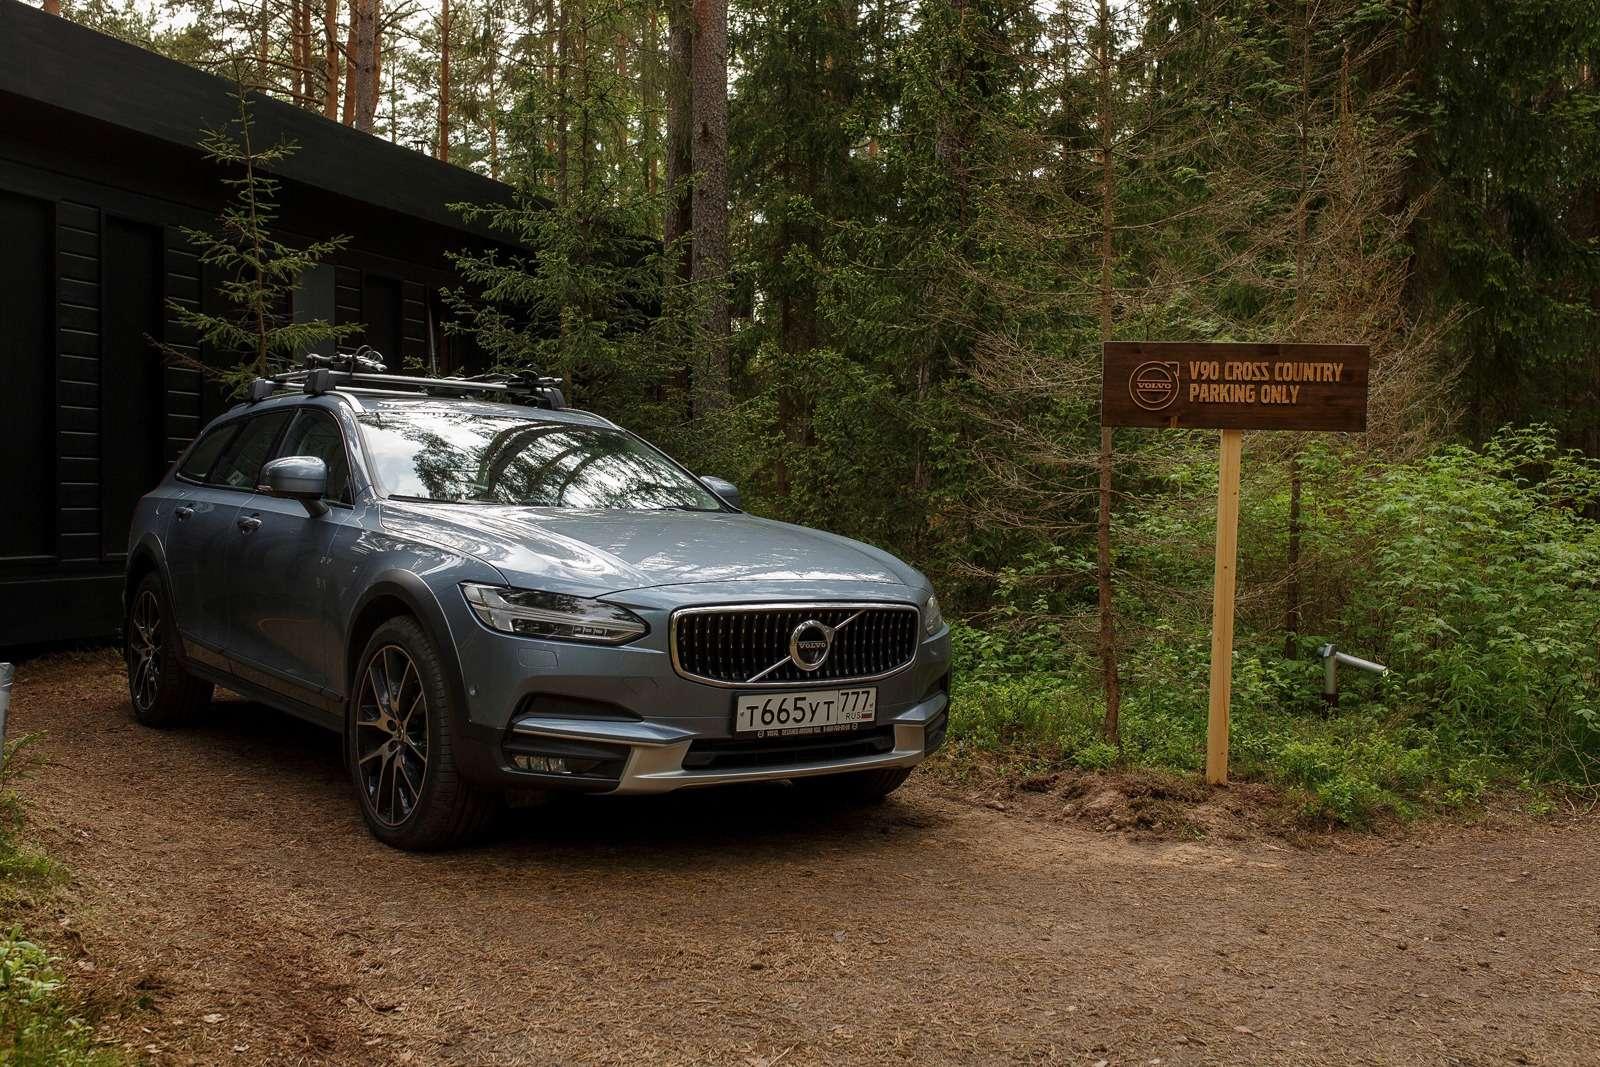 Volvo открывает мини-отель рядом сСанкт-Петербургом. Бронировать уже пора— фото 768838